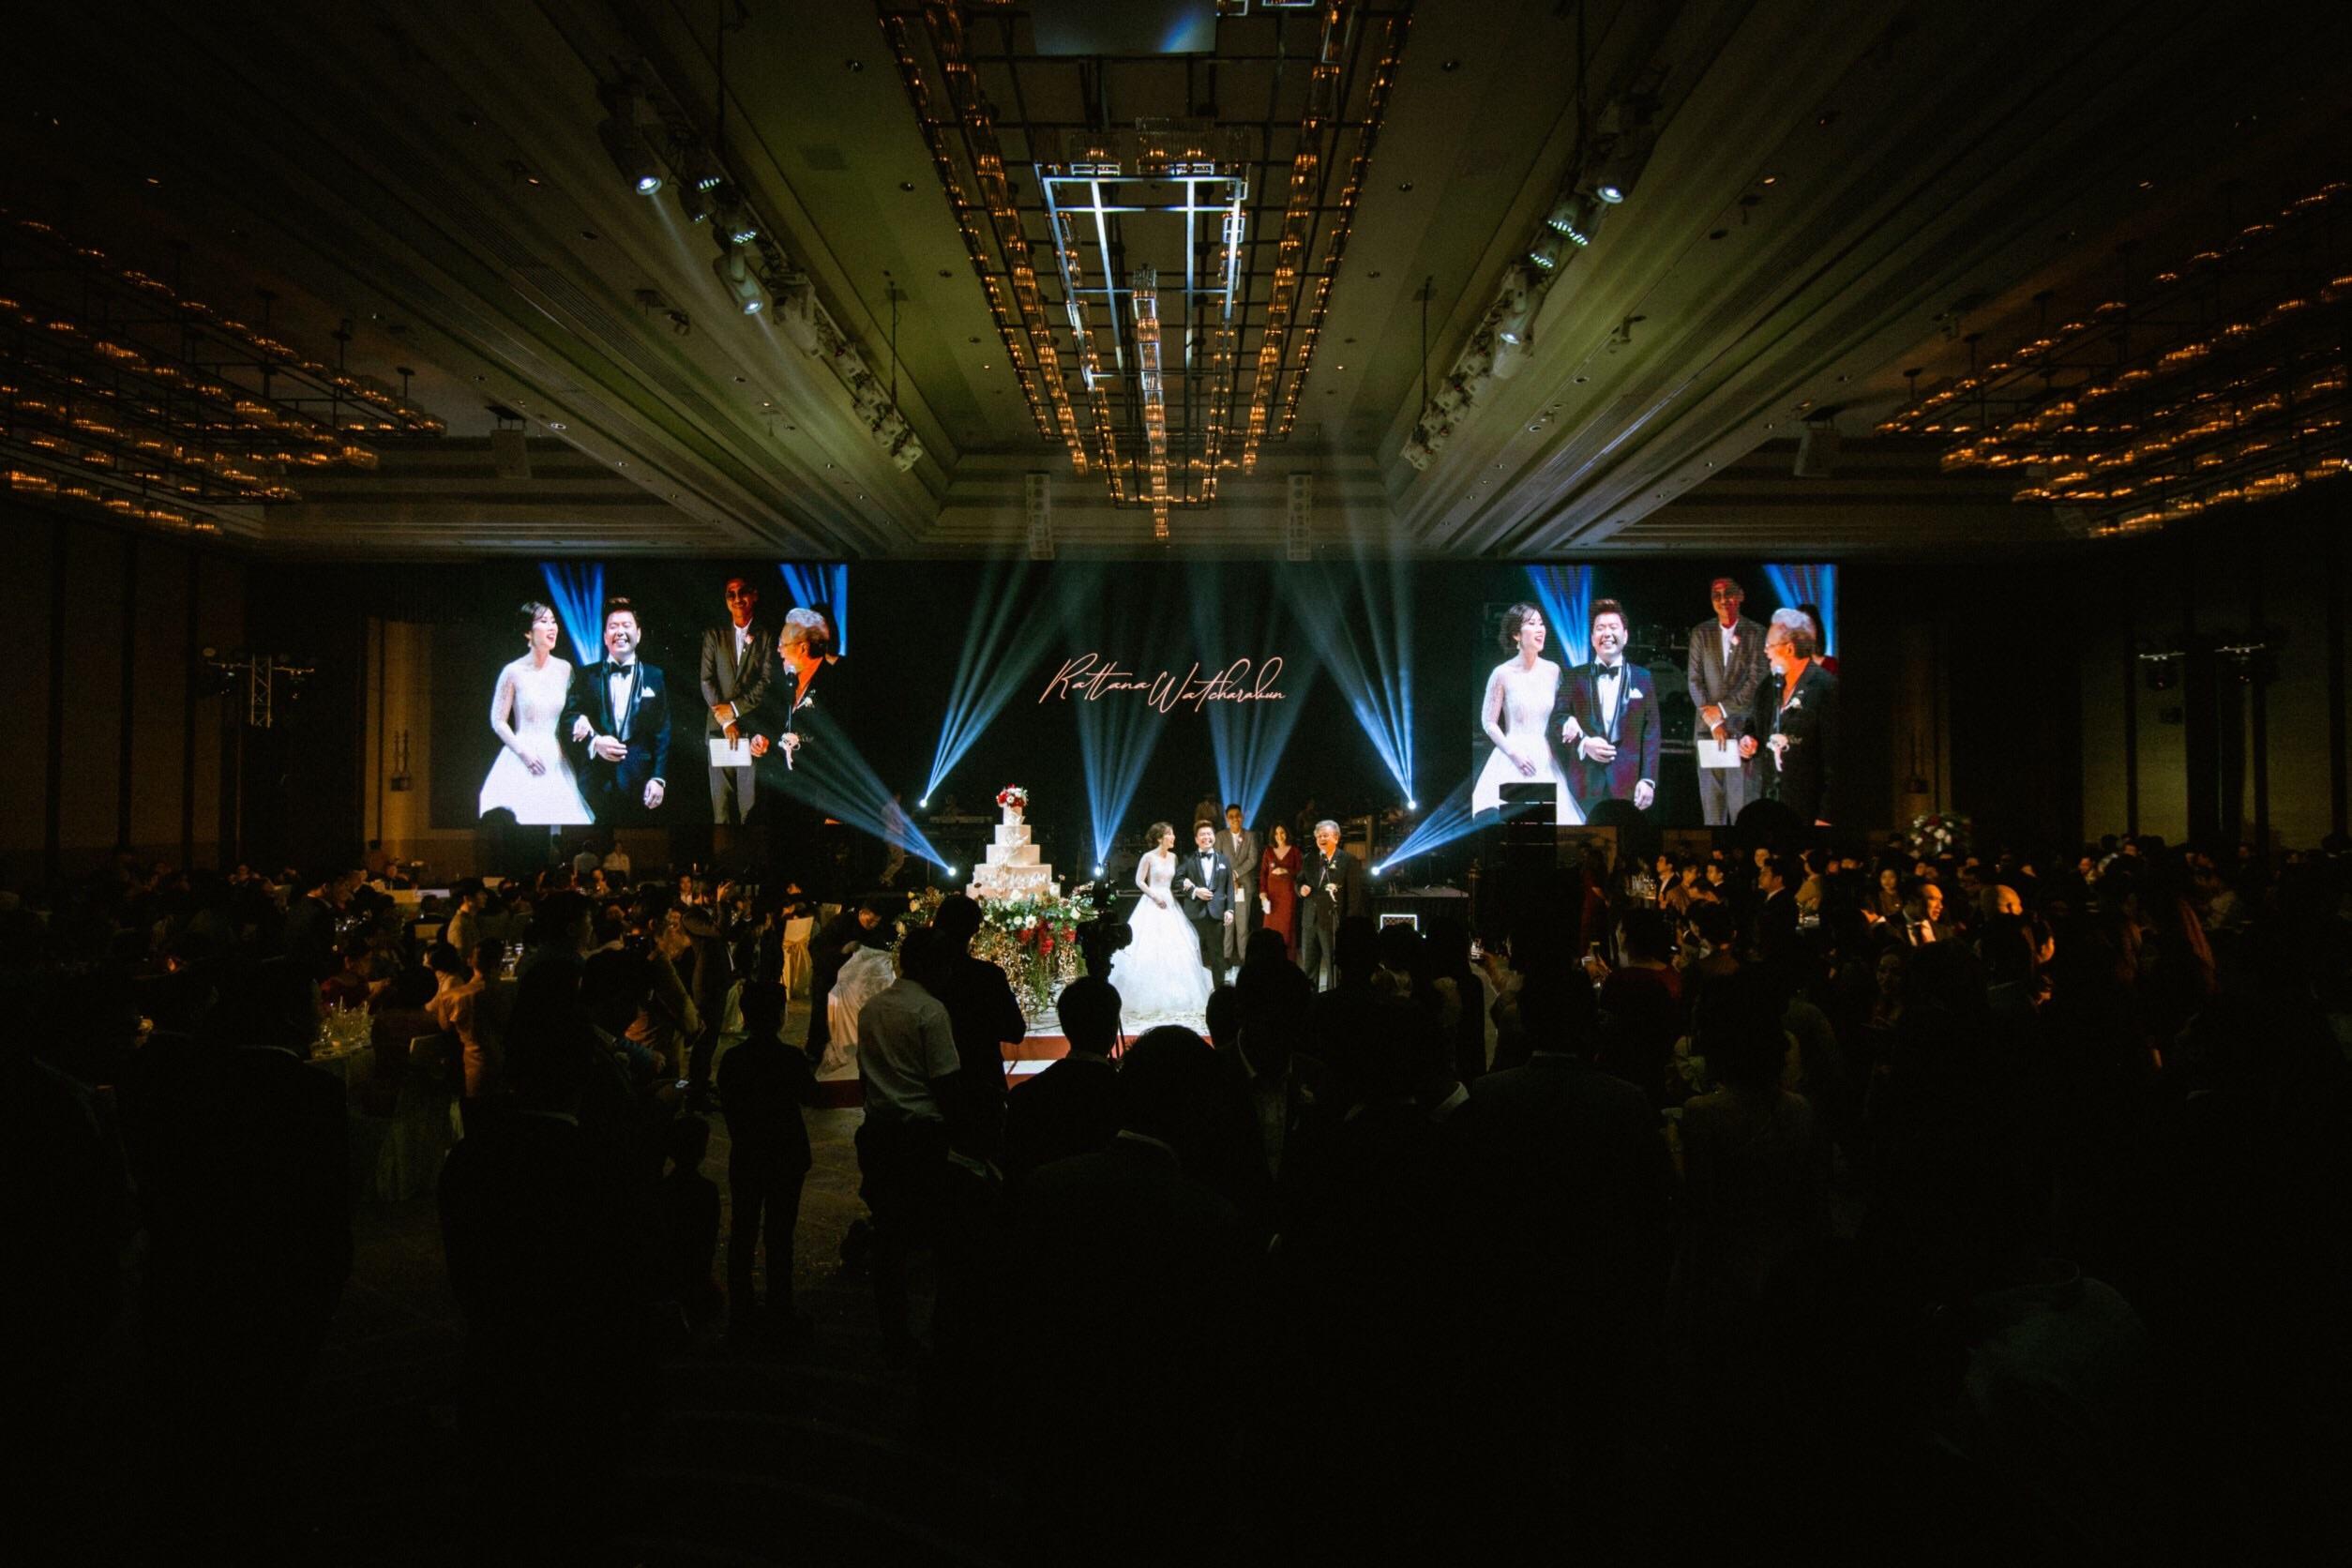 15 เนรมิตงานแต่งดั่งฝัน ในงาน The Promise by Conrad Bangkok ลุ้นรับฟรี! แพ็คเกจฮันนีมูนมัลดีฟส์